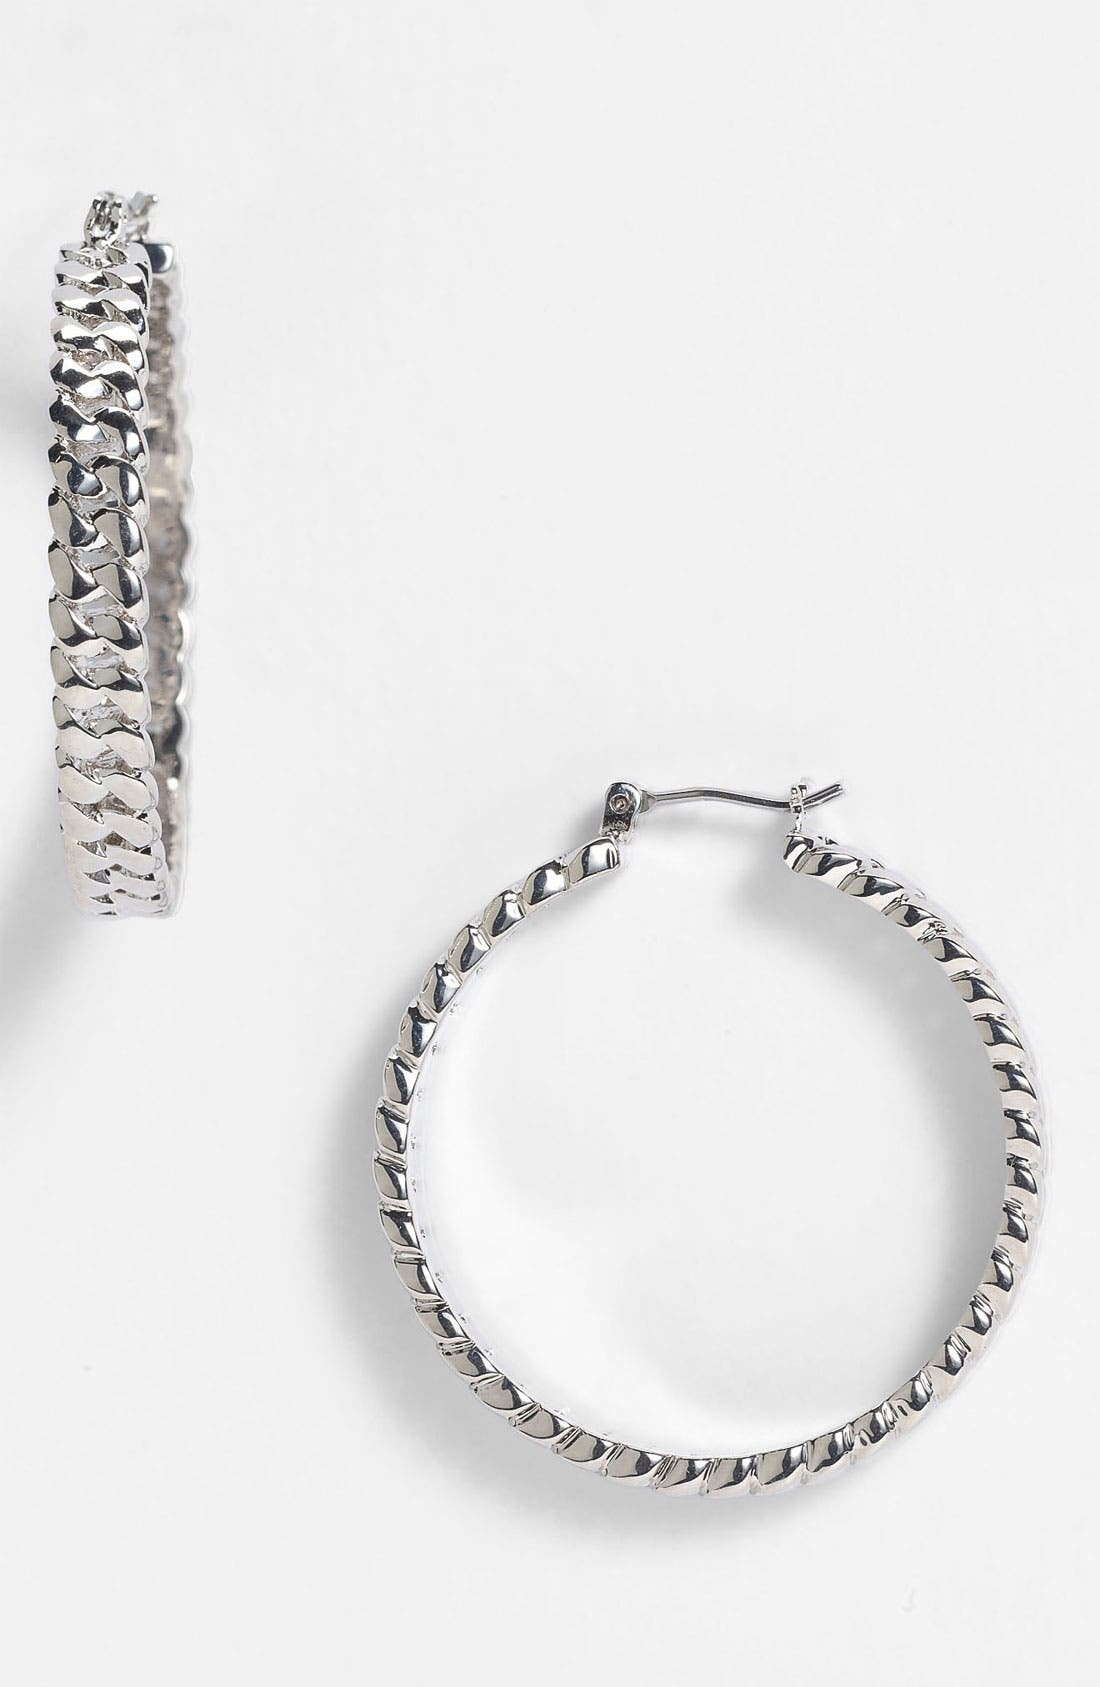 Alternate Image 1 Selected - MARC BY MARC JACOBS 'Toggles & Turnlocks' Hoop Earrings